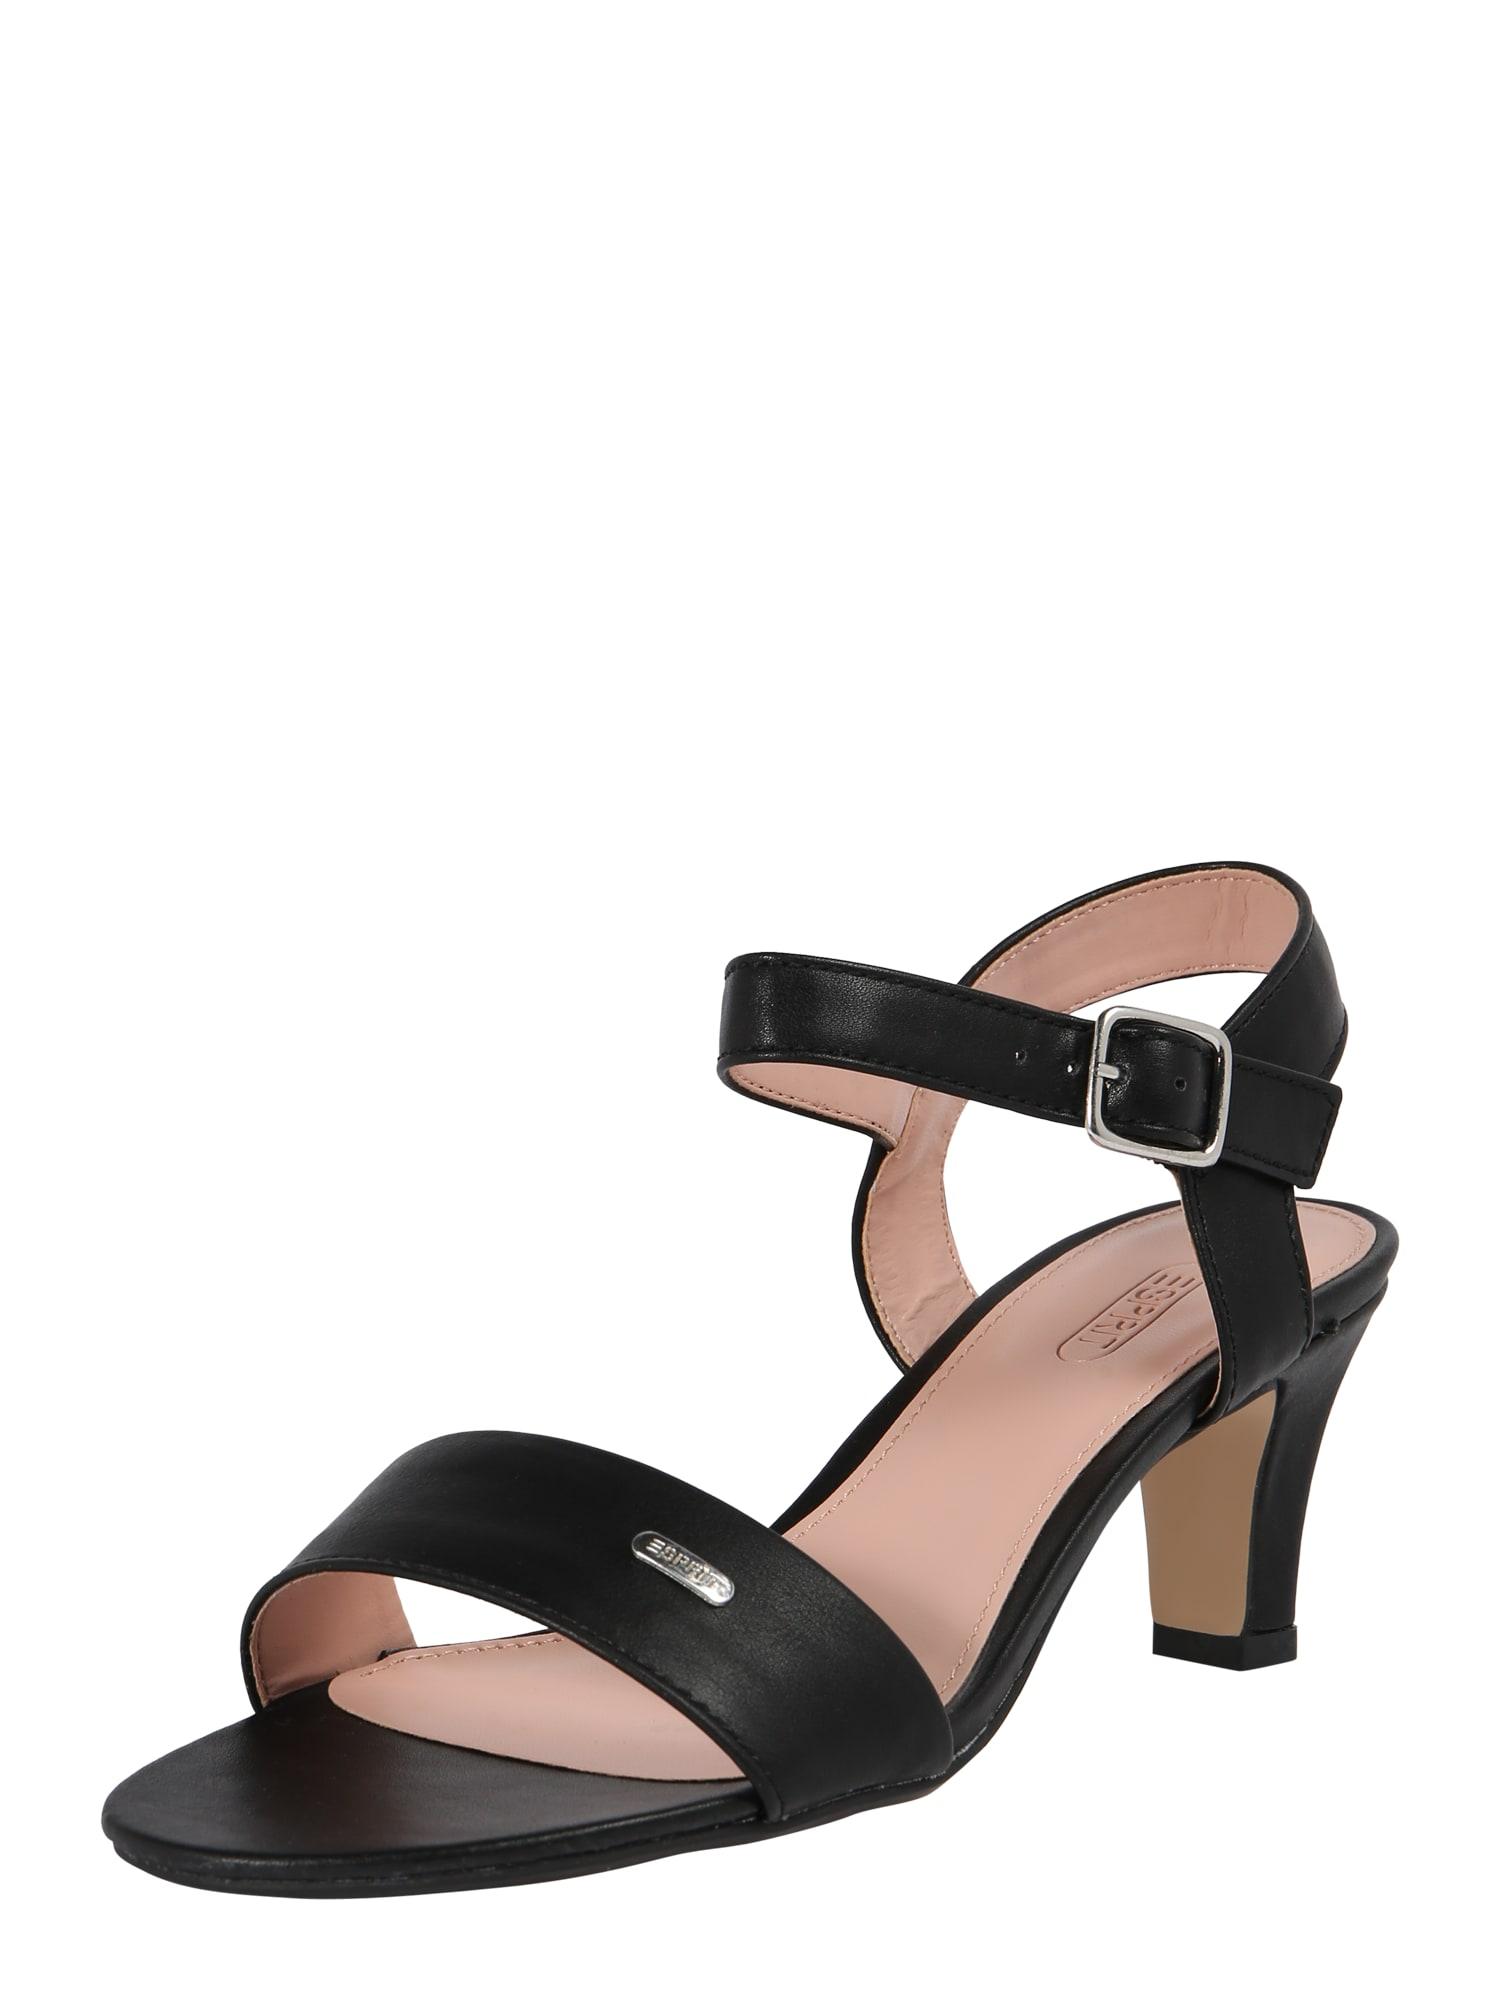 Sandály Delfy Sandal černá ESPRIT